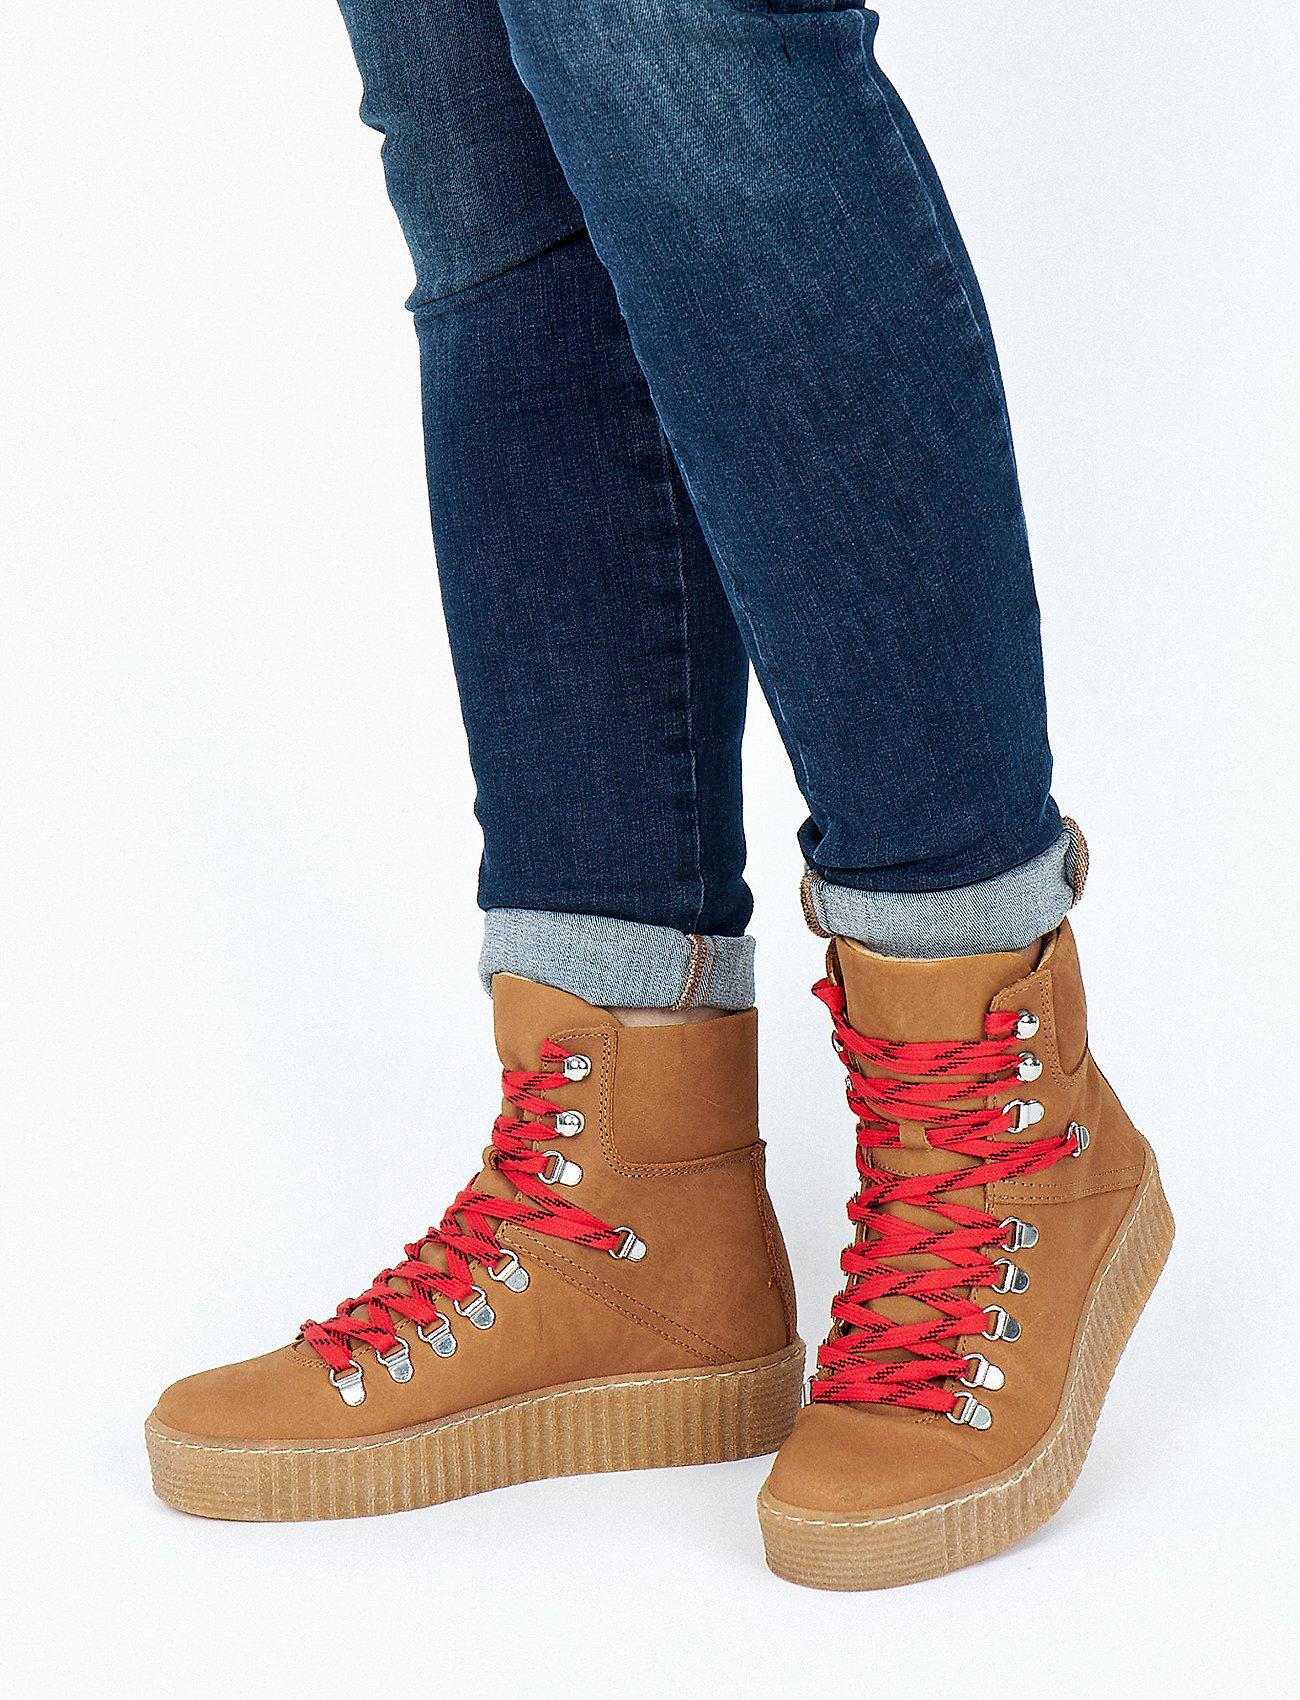 Agda N (Tan) (131.21 €) - Shoe The Bear